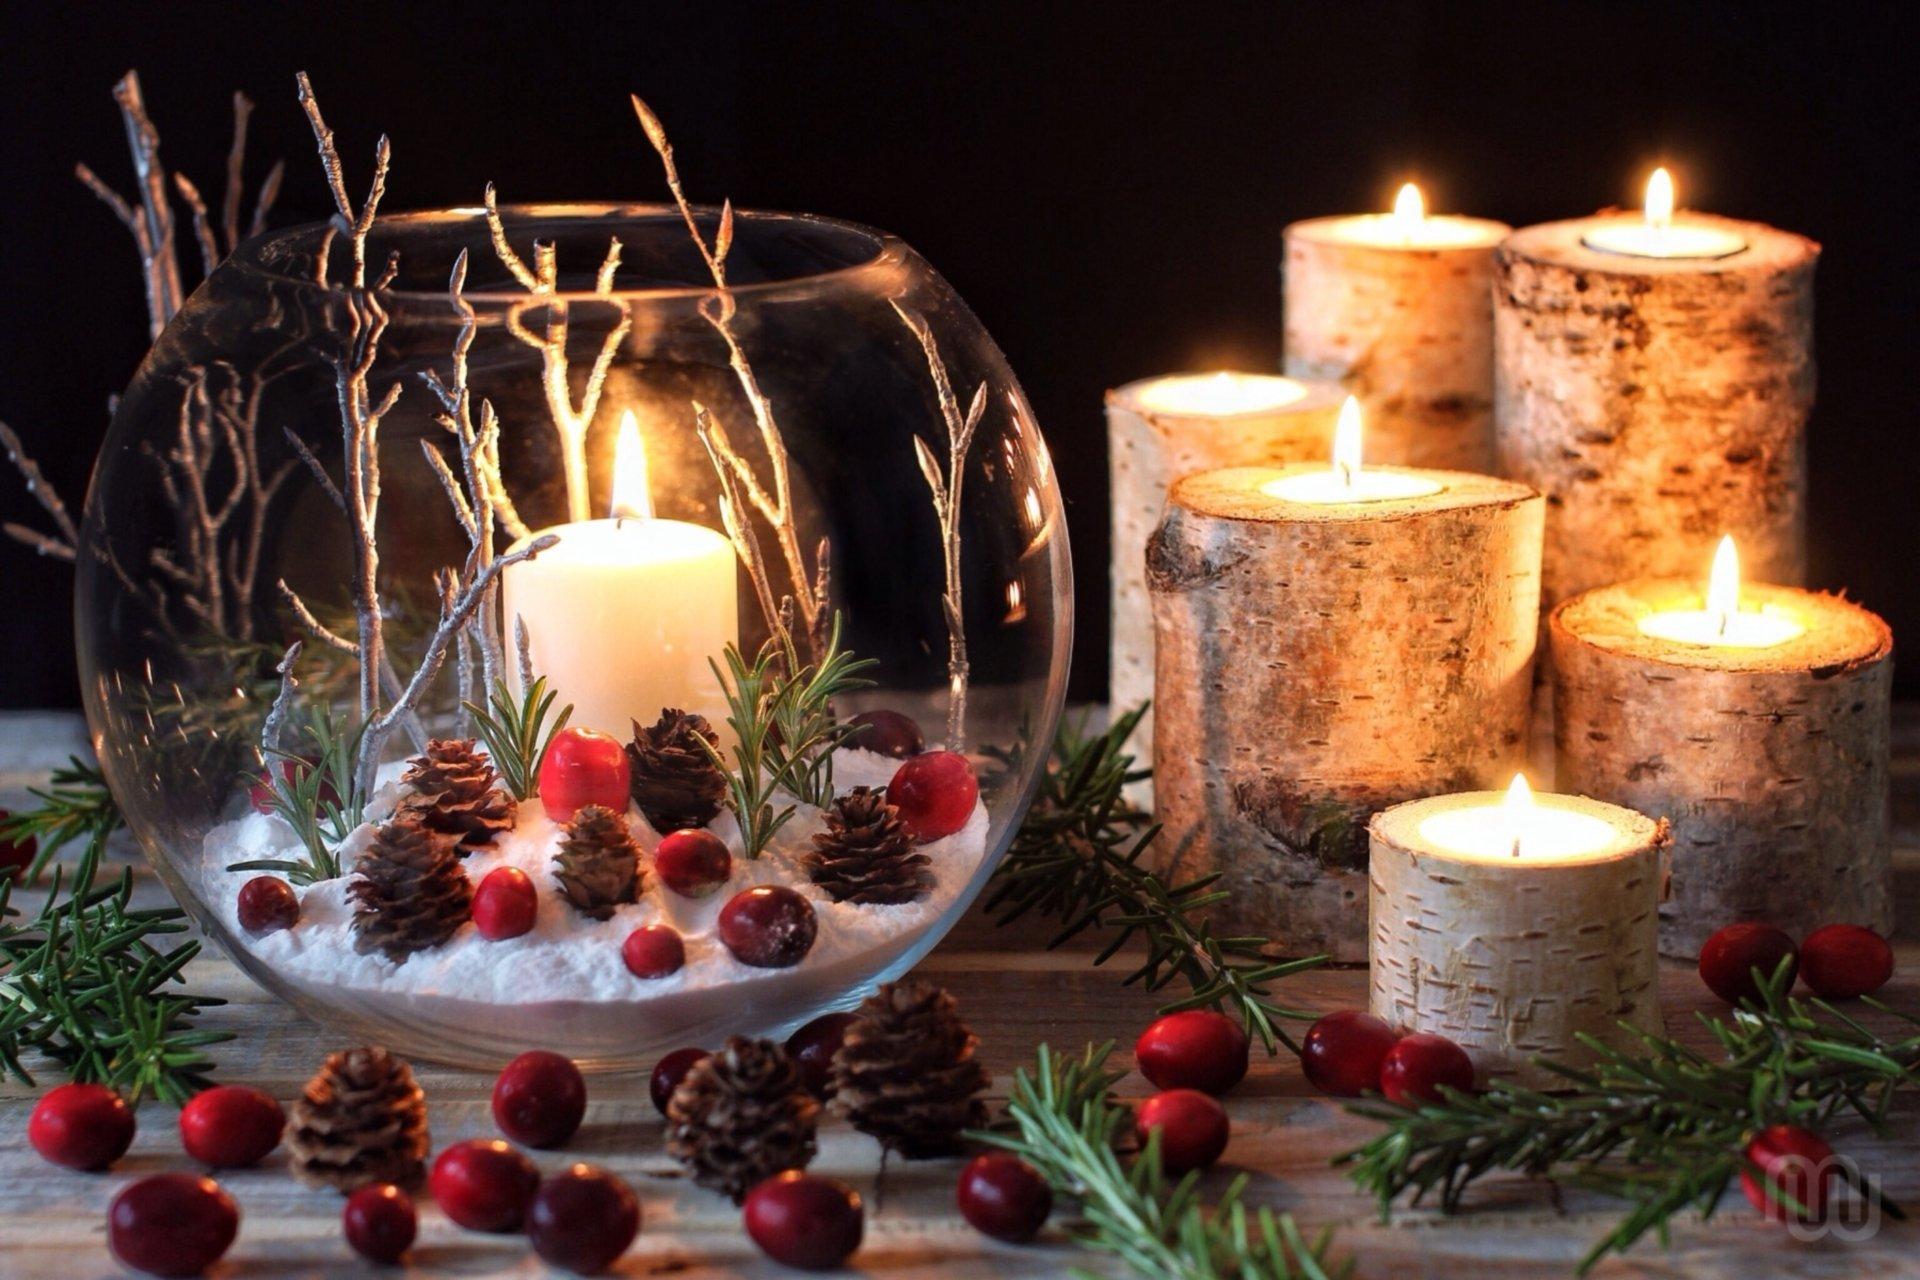 красивые картинки новогодних свечей голливуда